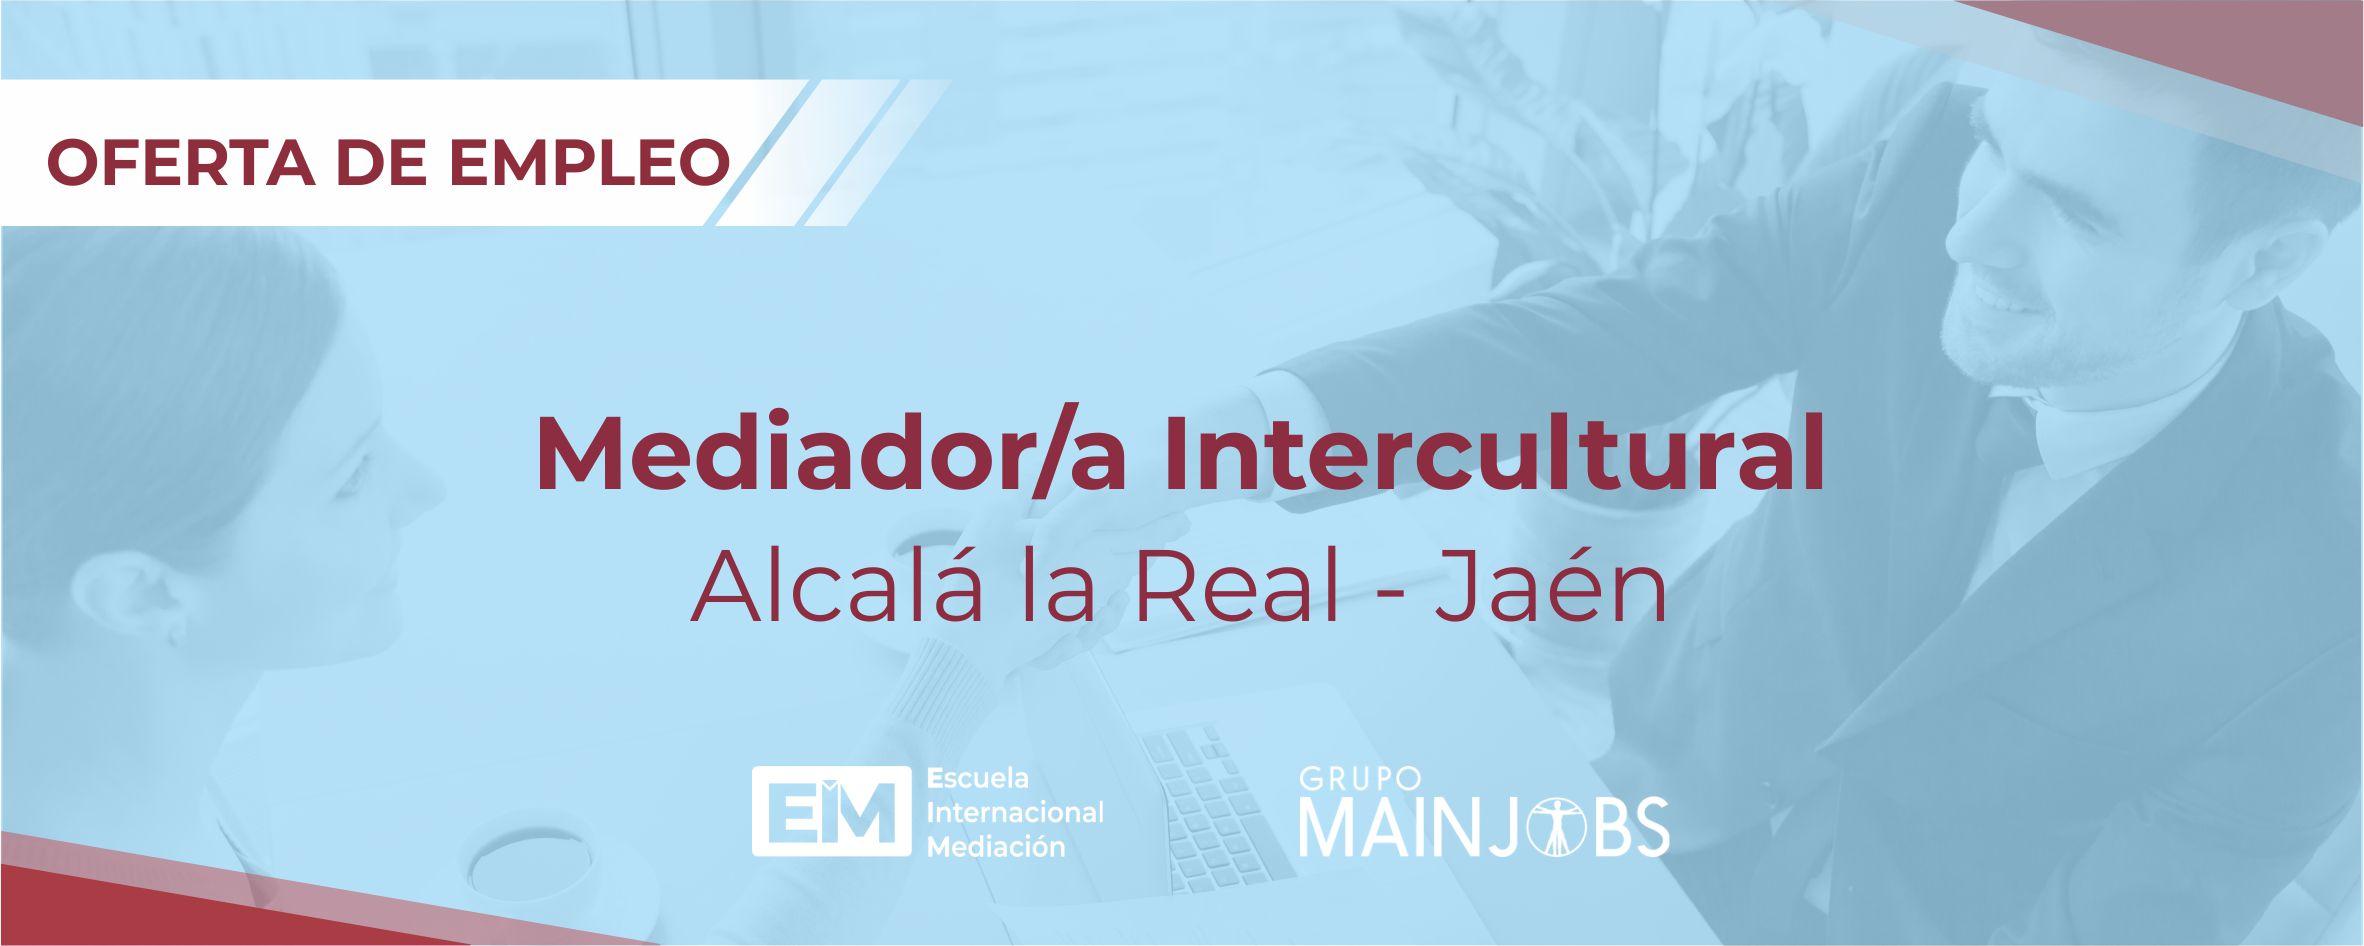 oferta empleo mediador intercultural